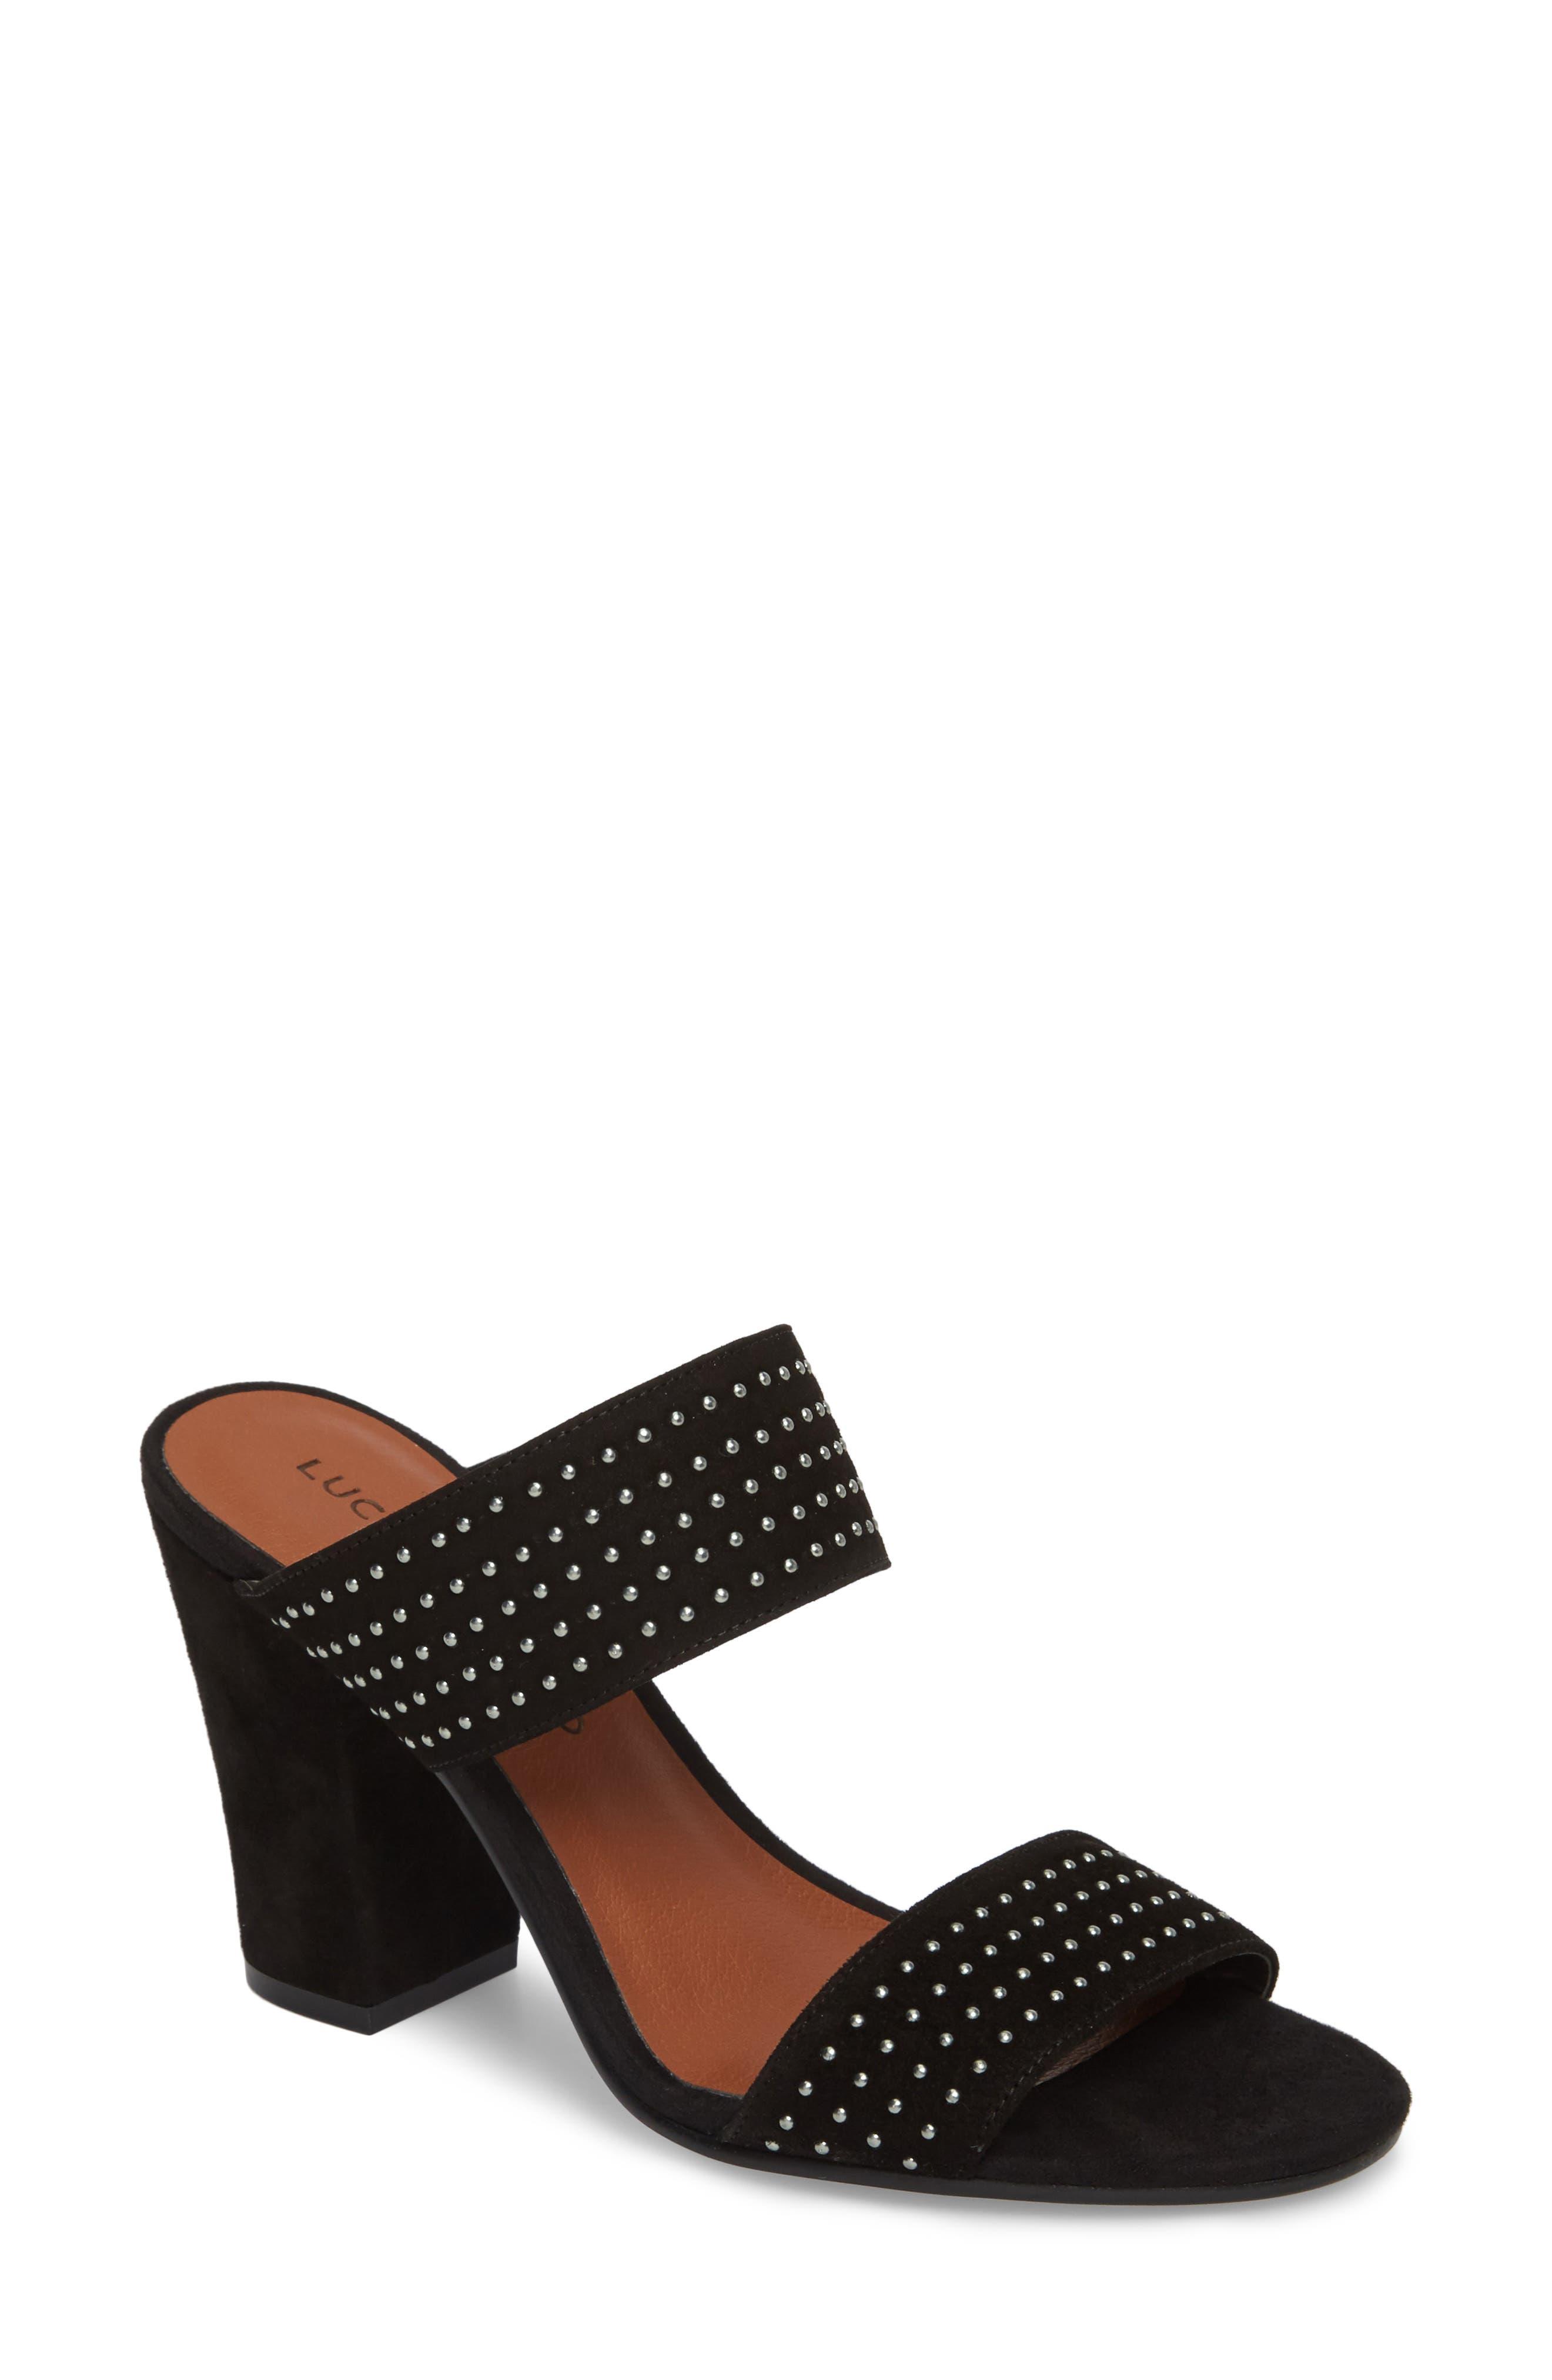 Main Image - Lucky Brand Mkennah Slide Sandal (Women)